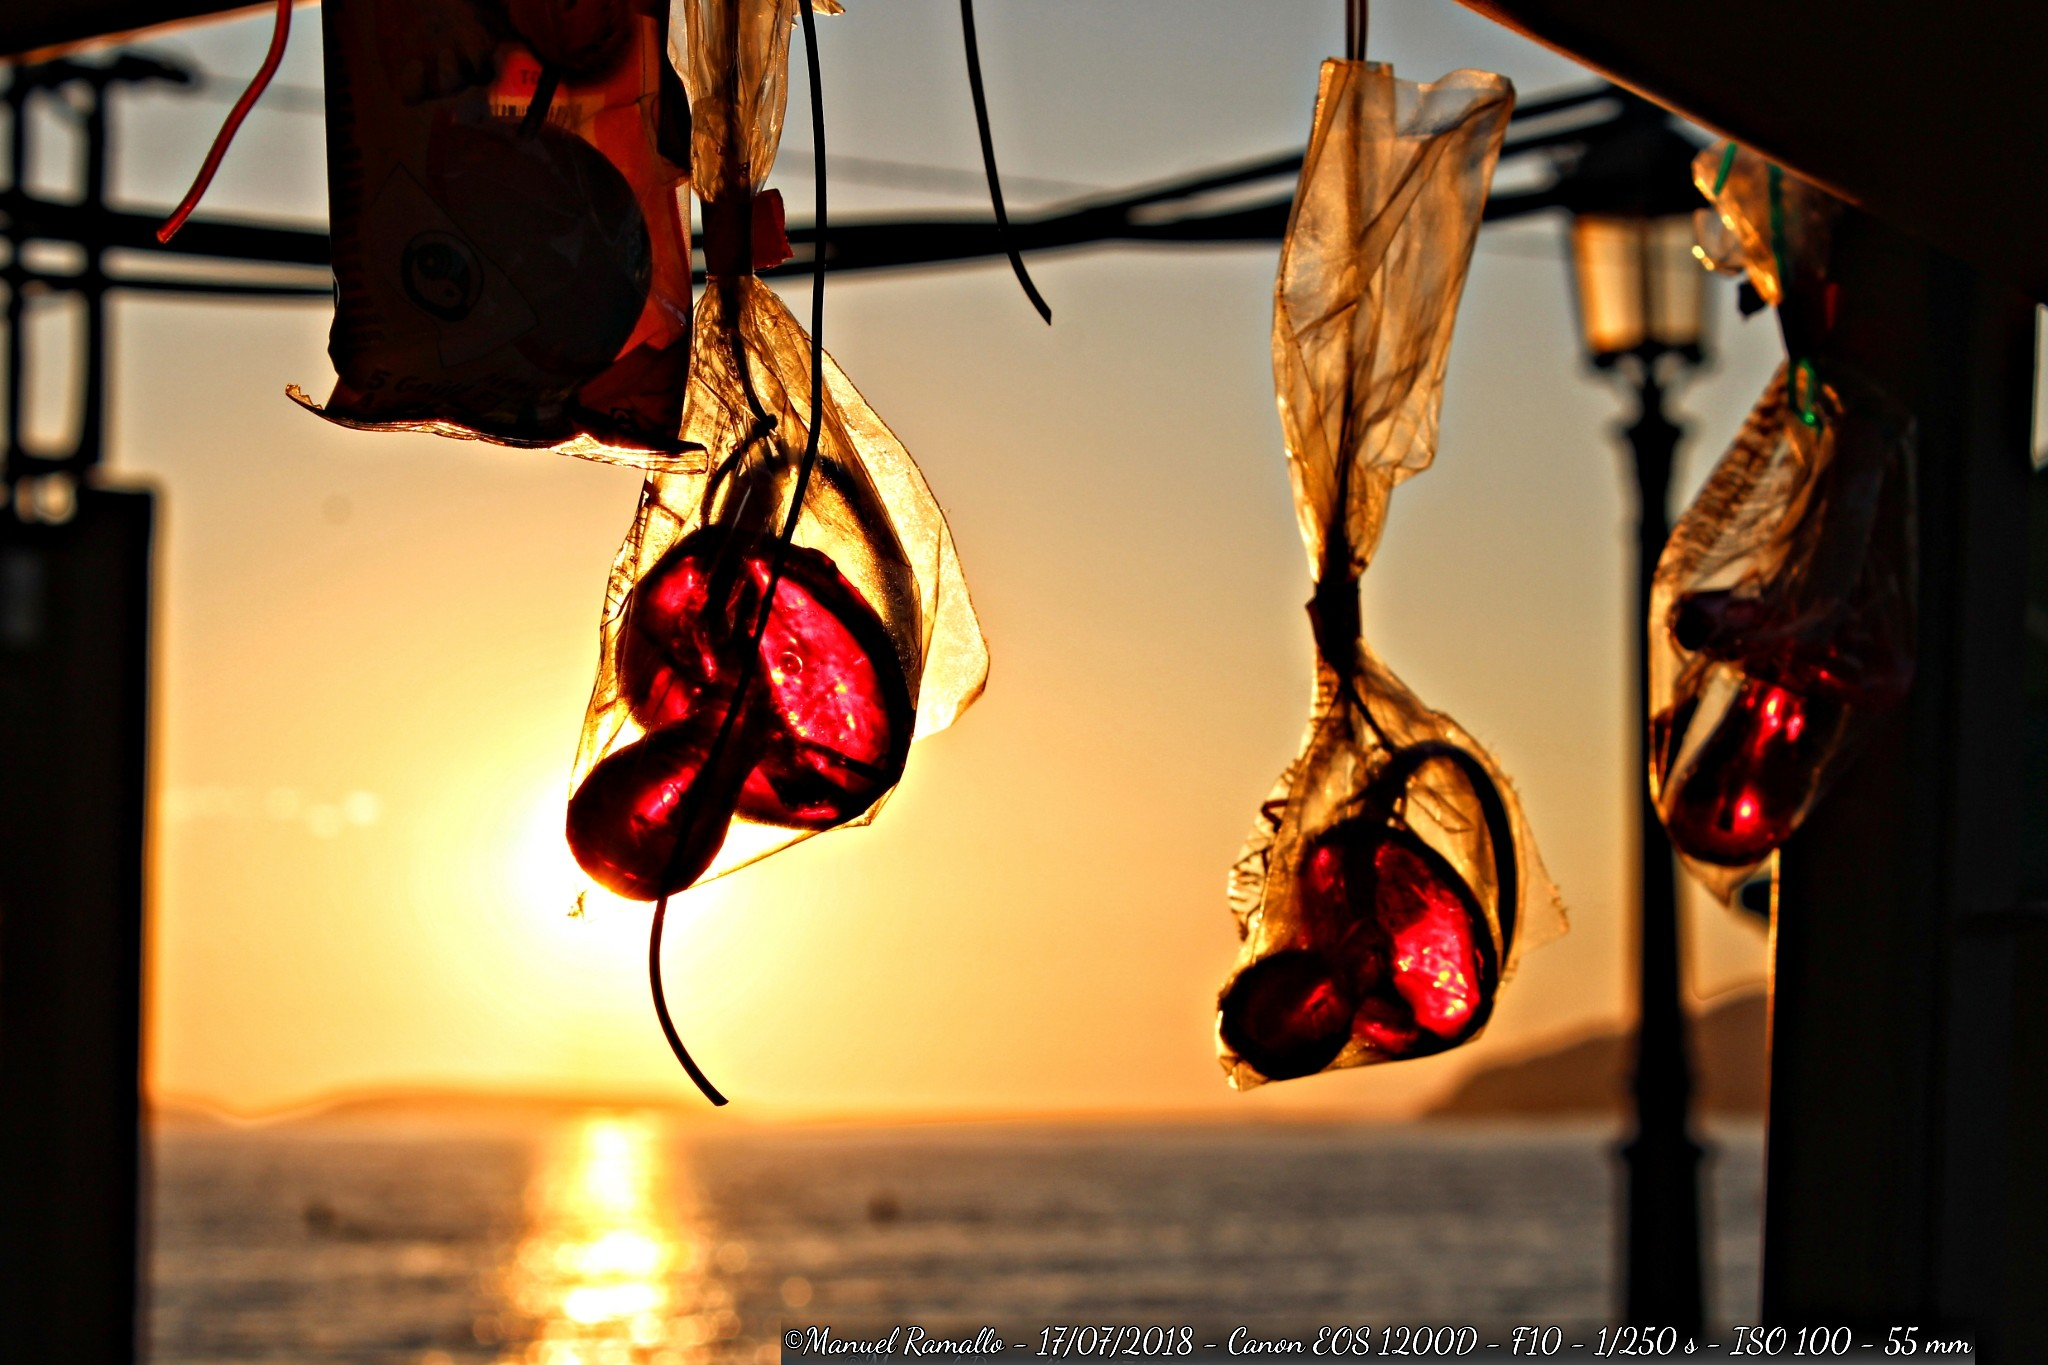 chupetes-al-sol-en-playa-america